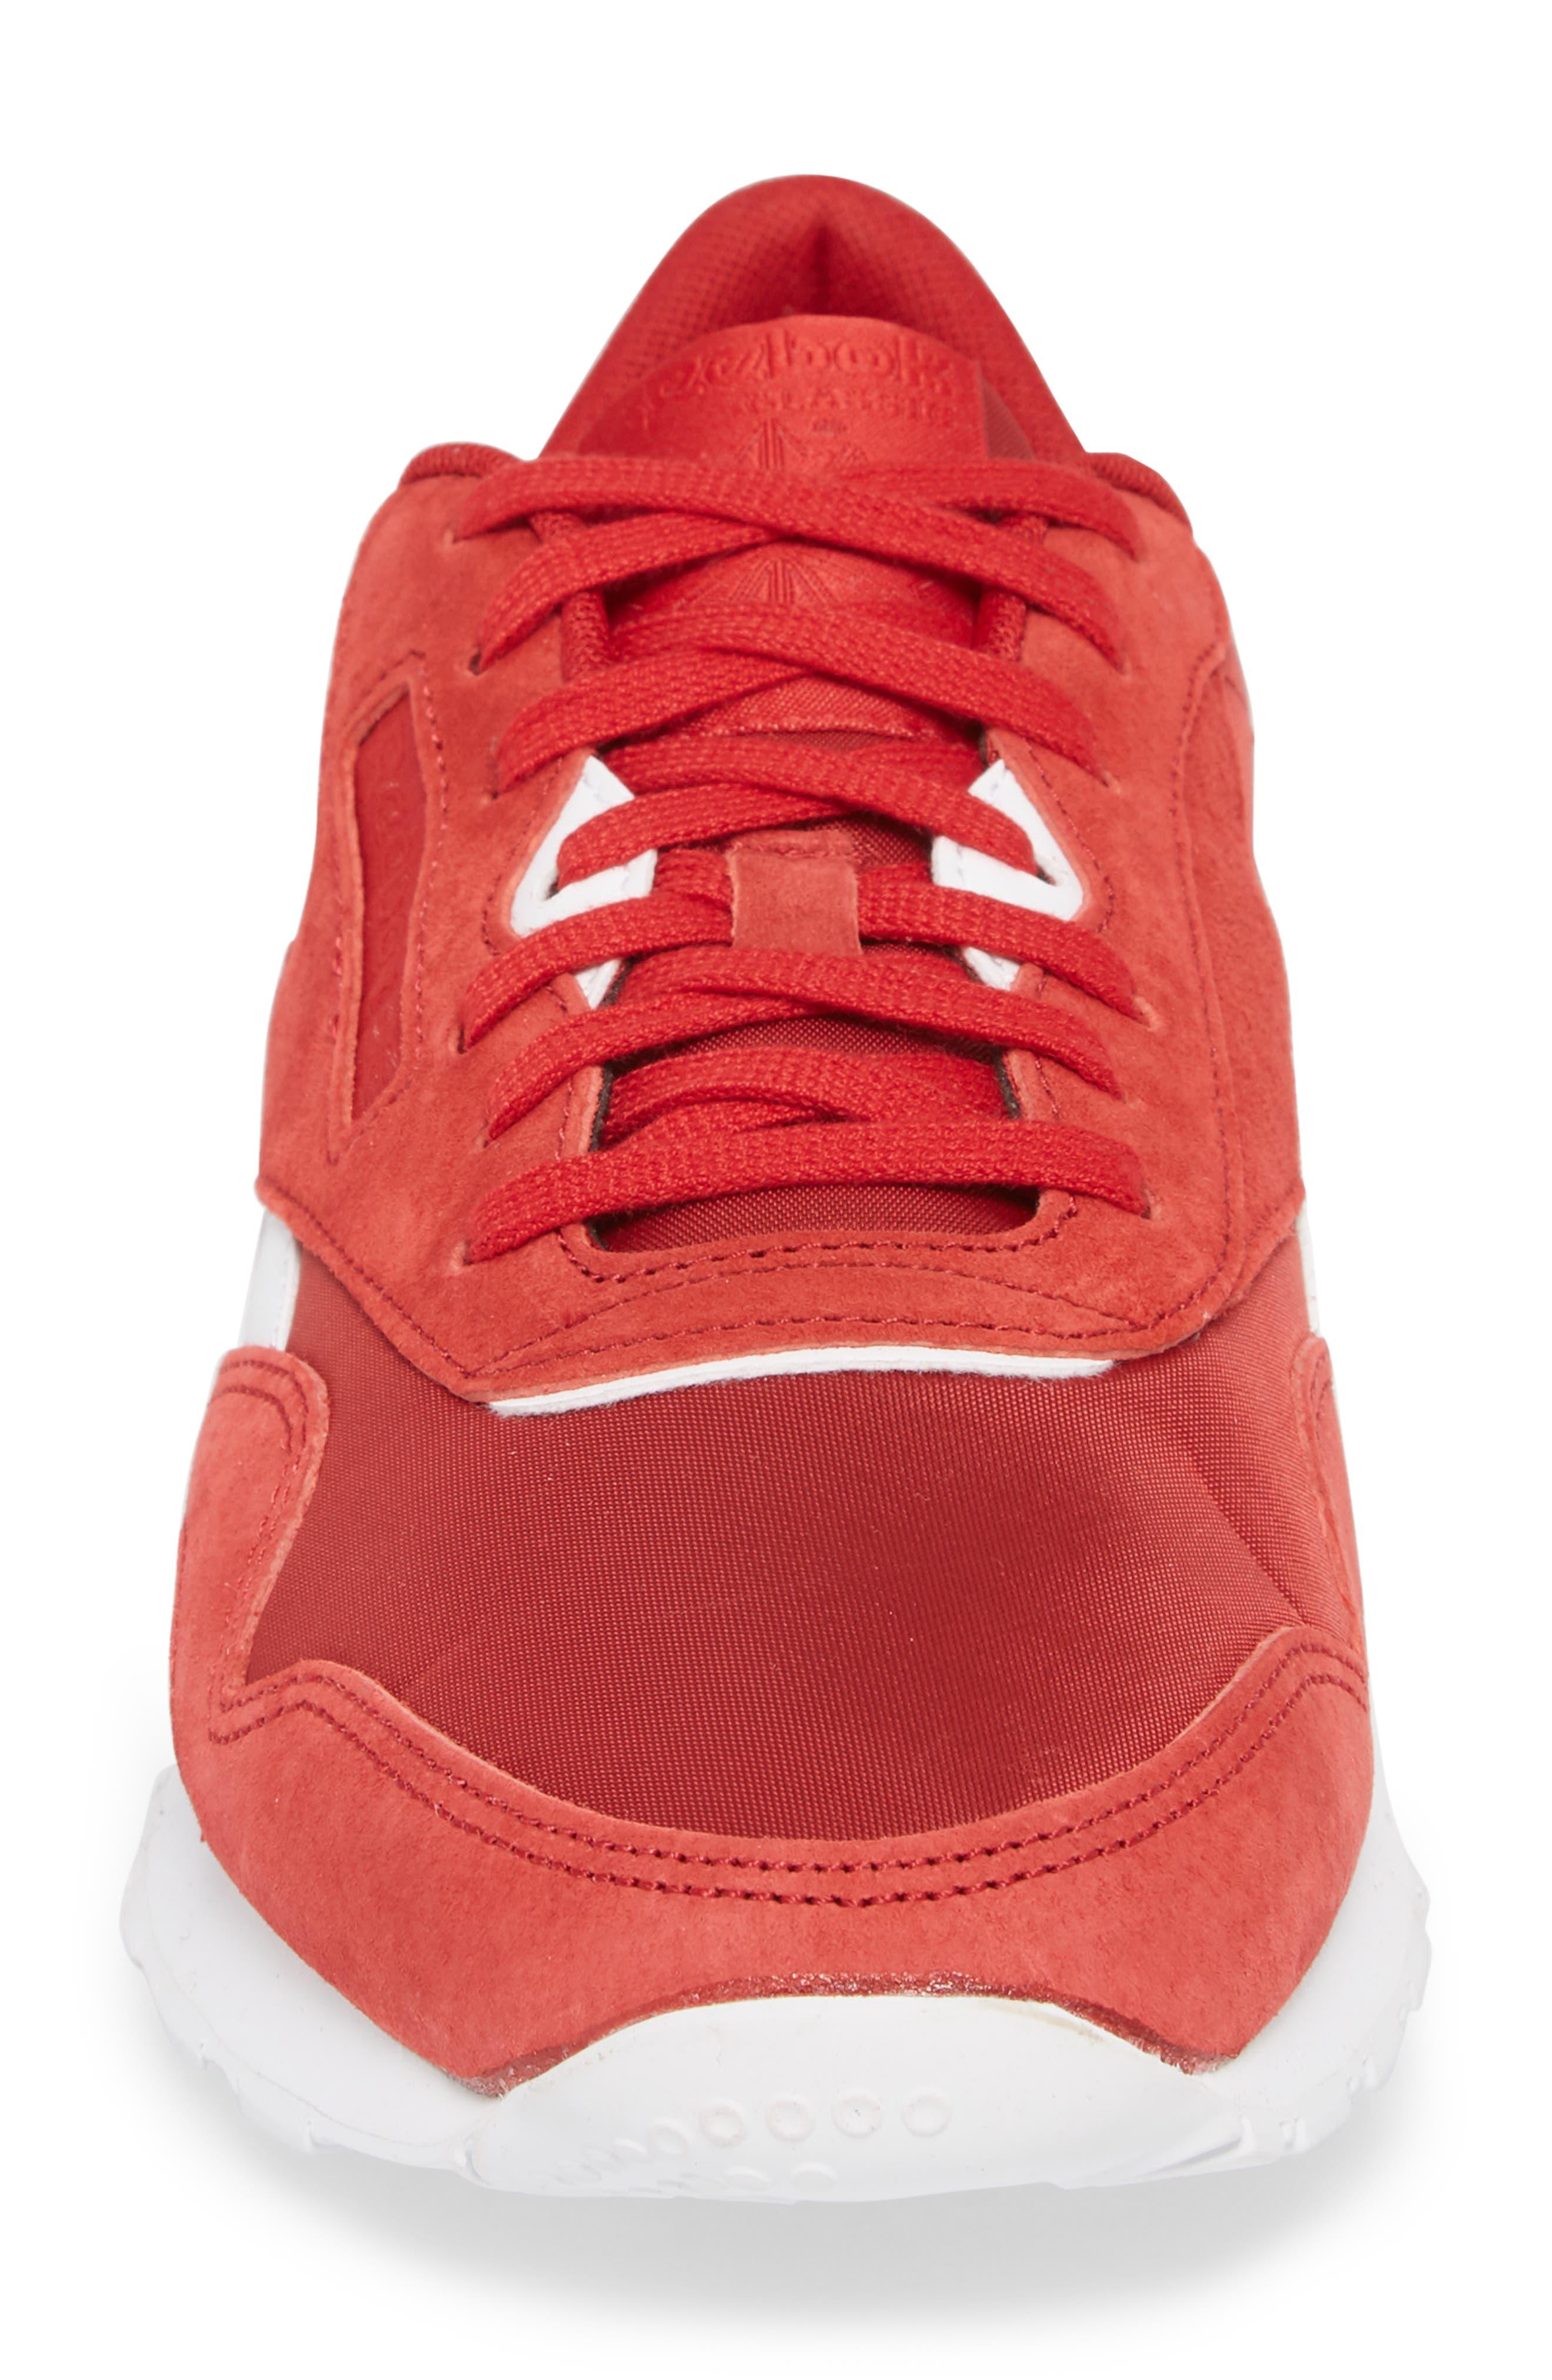 Classic Nylon PN Sneaker,                             Alternate thumbnail 4, color,                             Power Red/ White